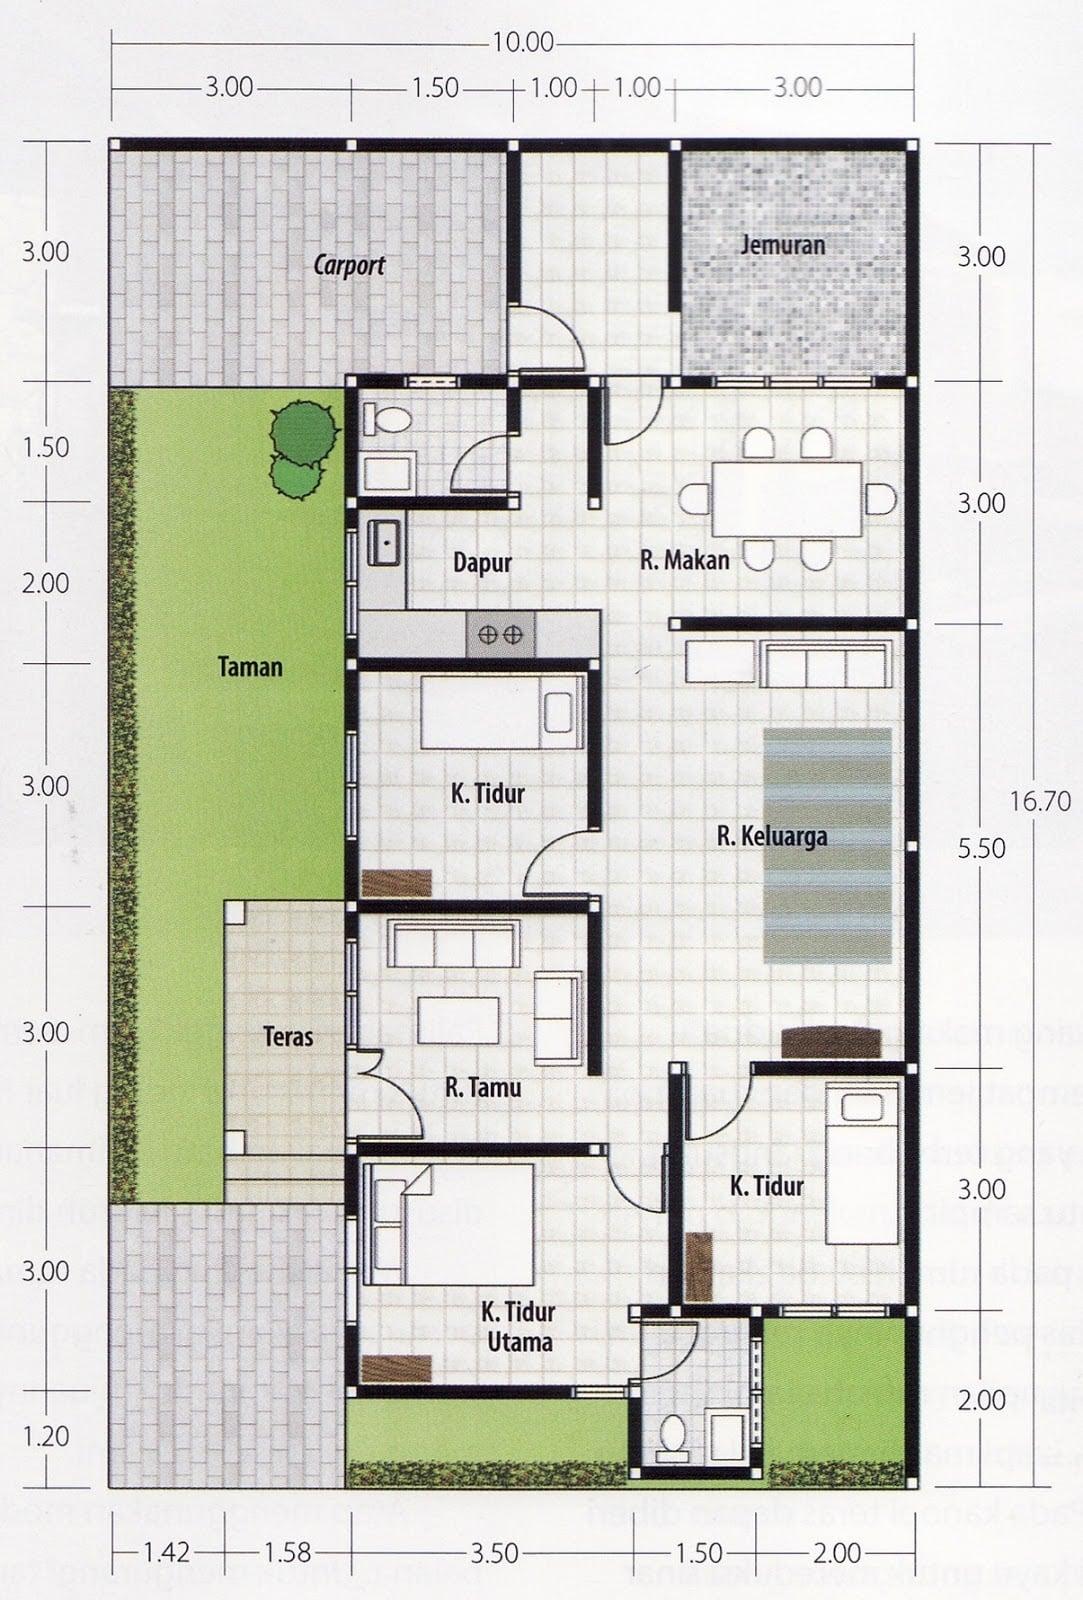 Minimalis 21 Gambar Rumah Minimalis 1 Kamar 64 Untuk Ide Merombak Rumah untuk 21 Gambar Rumah Minimalis 1 Kamar